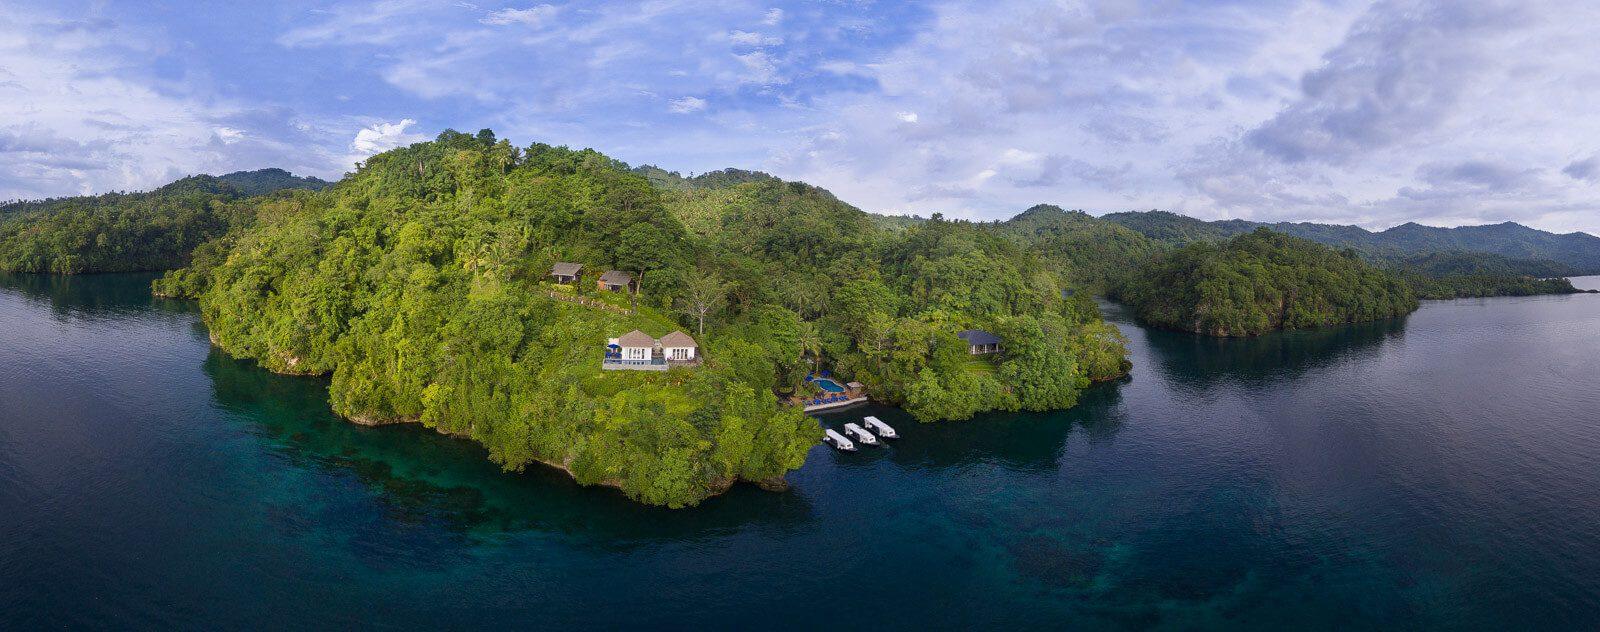 Lembeh Resort Panorama